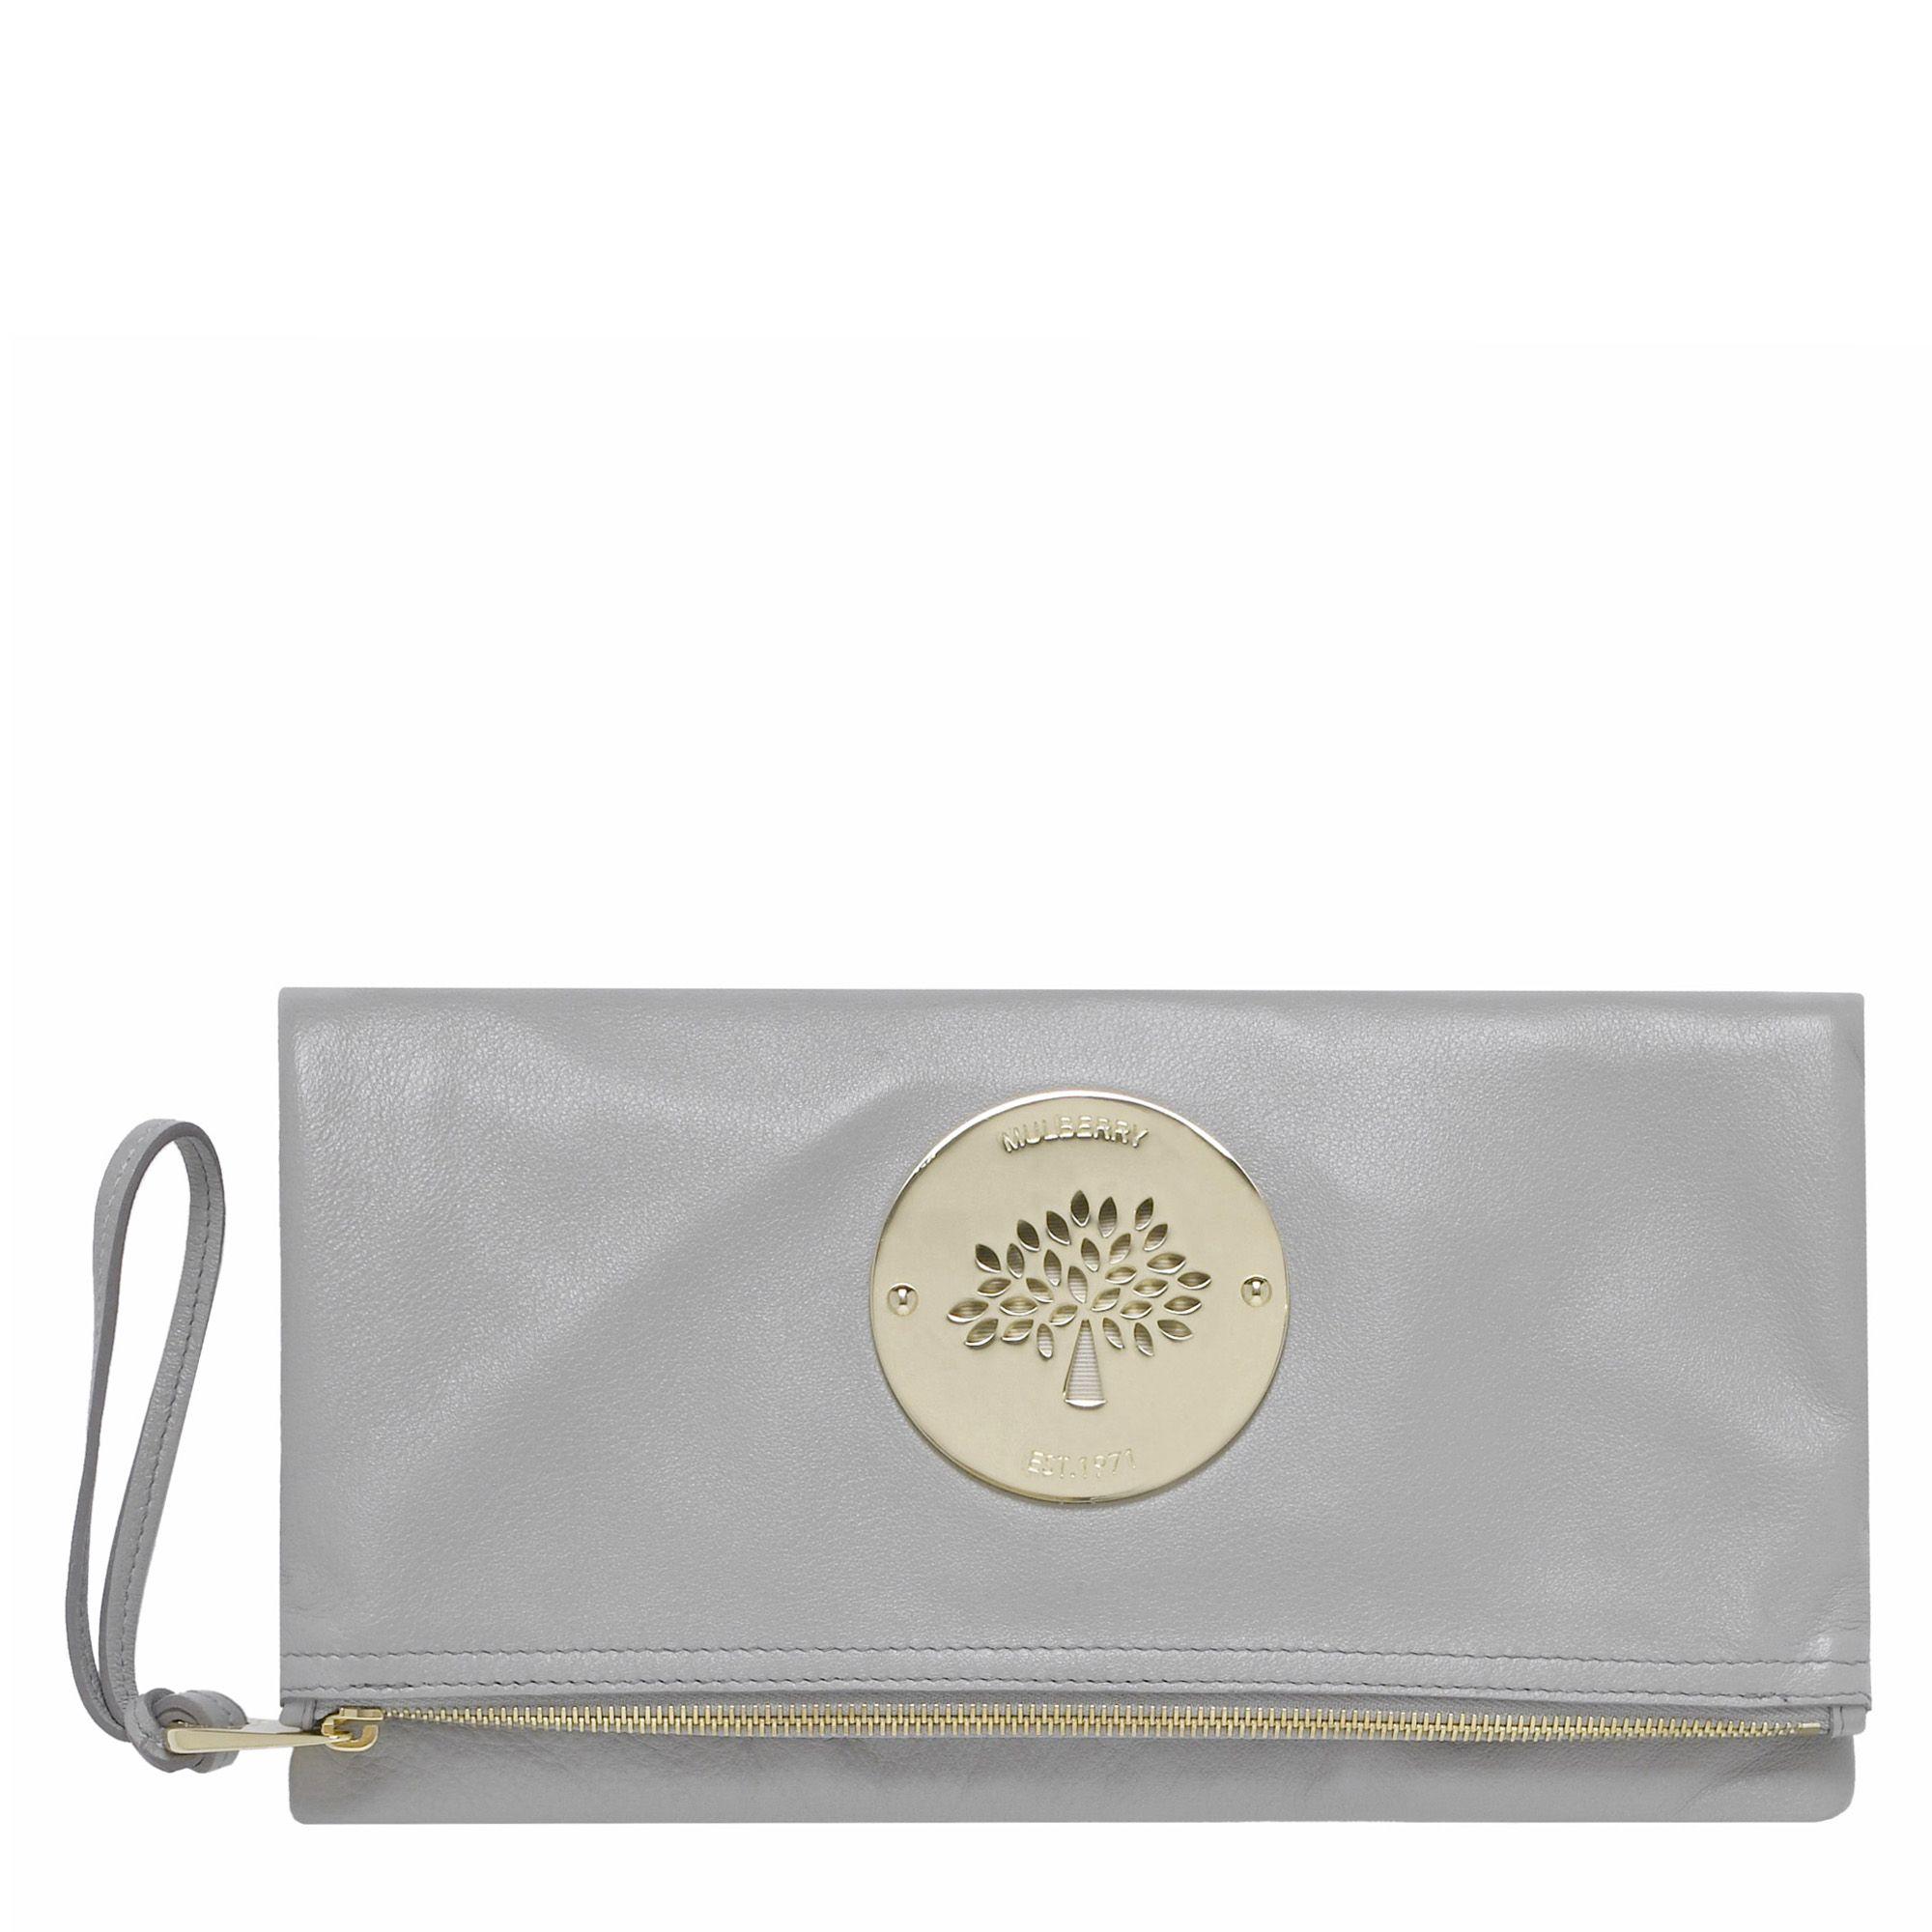 749e8b25adca ... australia mulberry daria clutch bag in natural lyst f5ac7 69e83